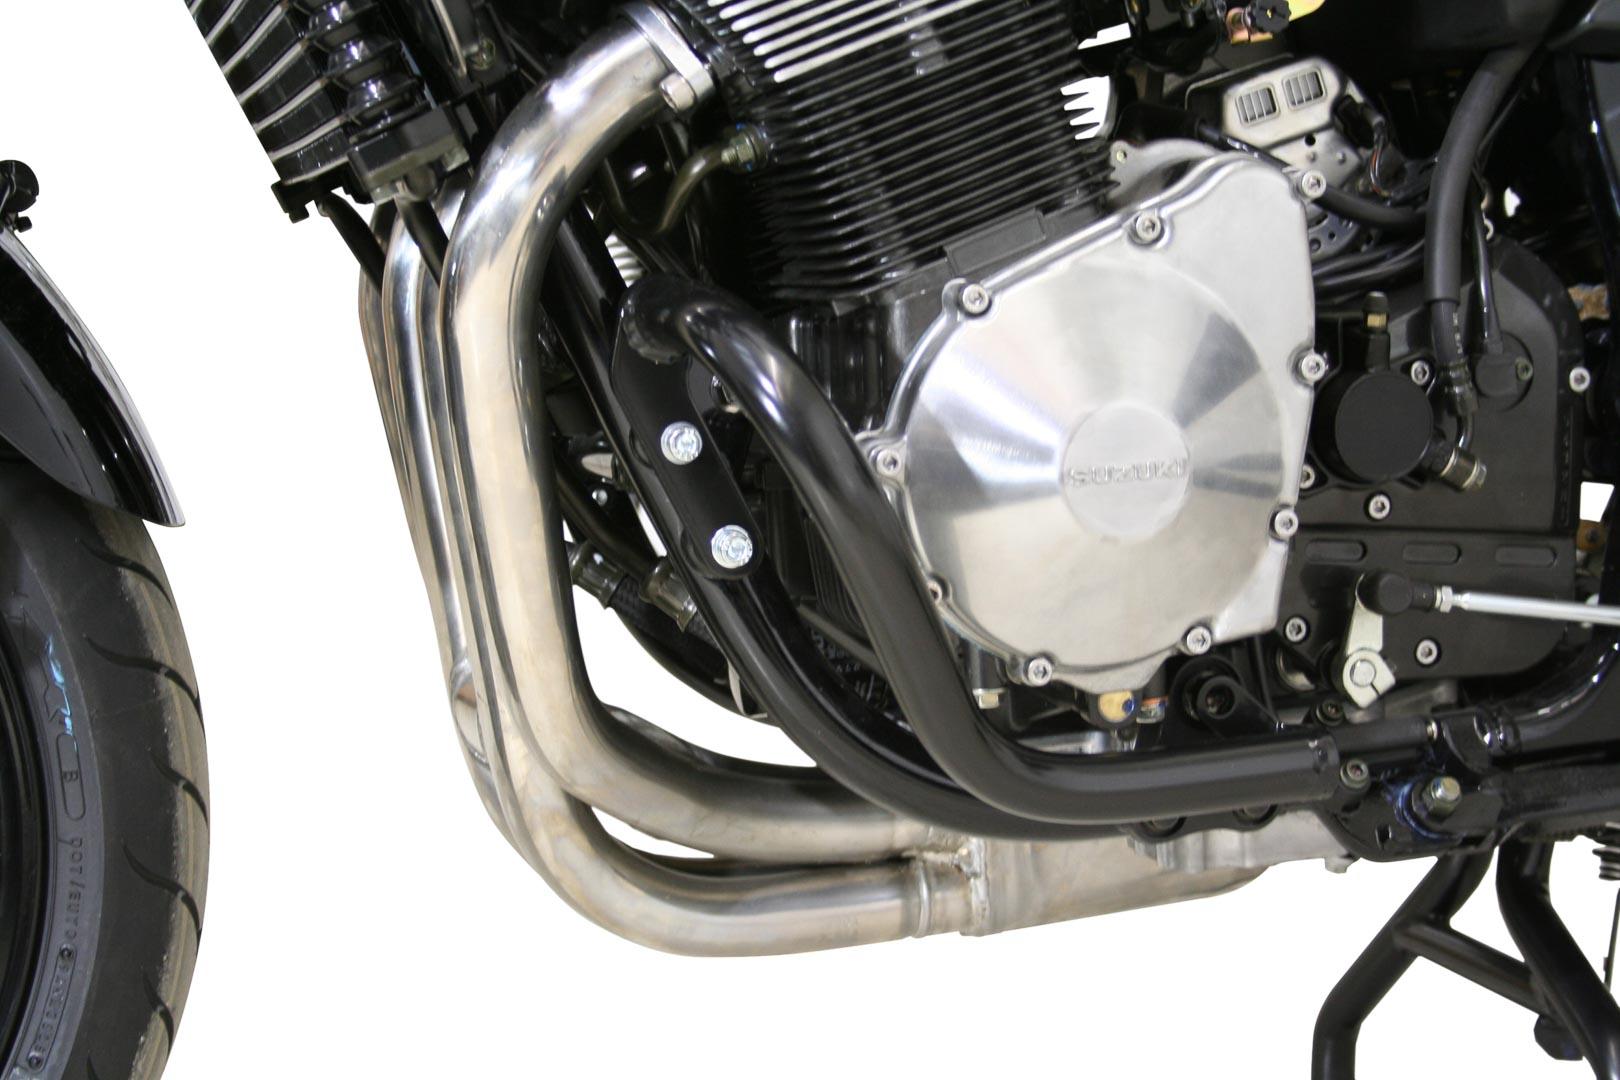 SW-Motech Moottorinsuojarauta Suzuki GSF600 Bandit 00-05 musta